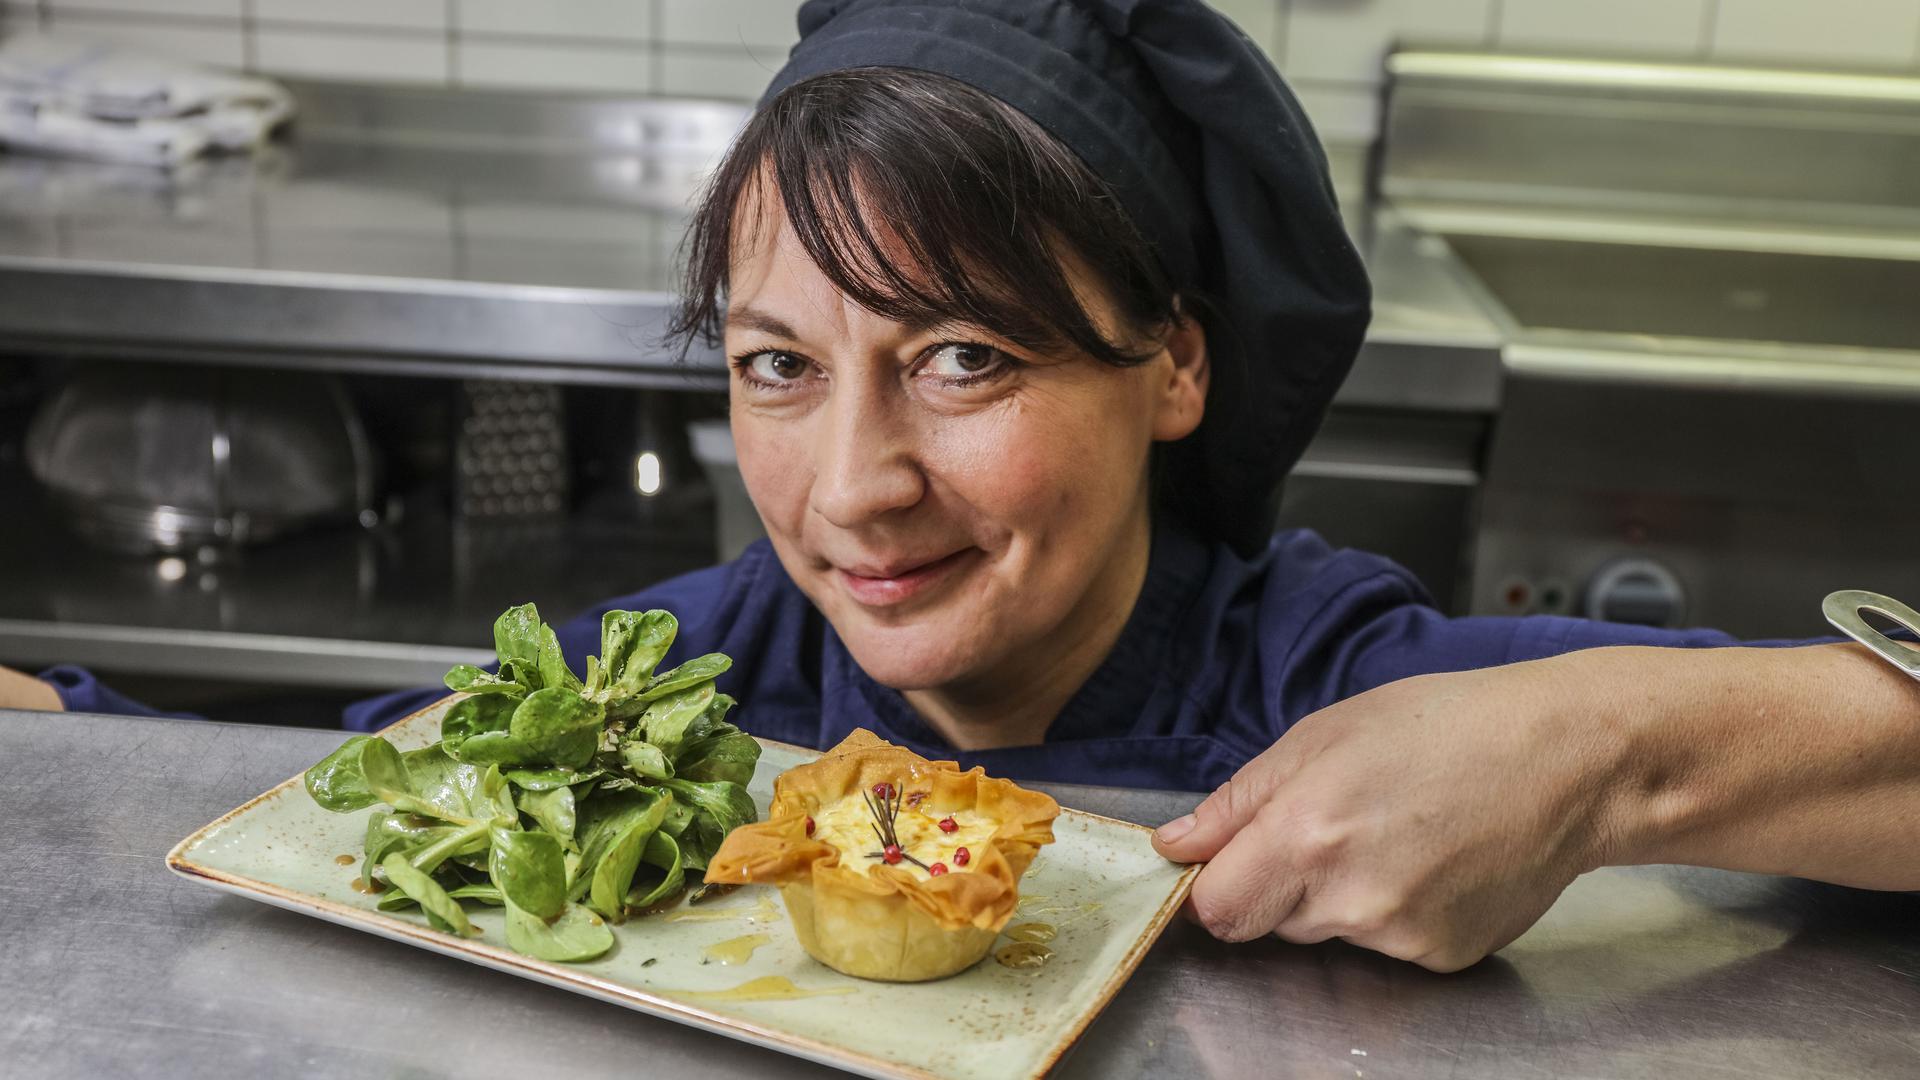 """Von der Vereinsheim-Köchin bis zur erfolgreichen Unternehmerin: Gastronomie-Quereinsteigerin Tanja Finck führte das Vacca Verde, gründete """"Otto, die kleine Weinkneipe"""" und kochte """"beim Schupi"""" - und hat noch einiges vor."""